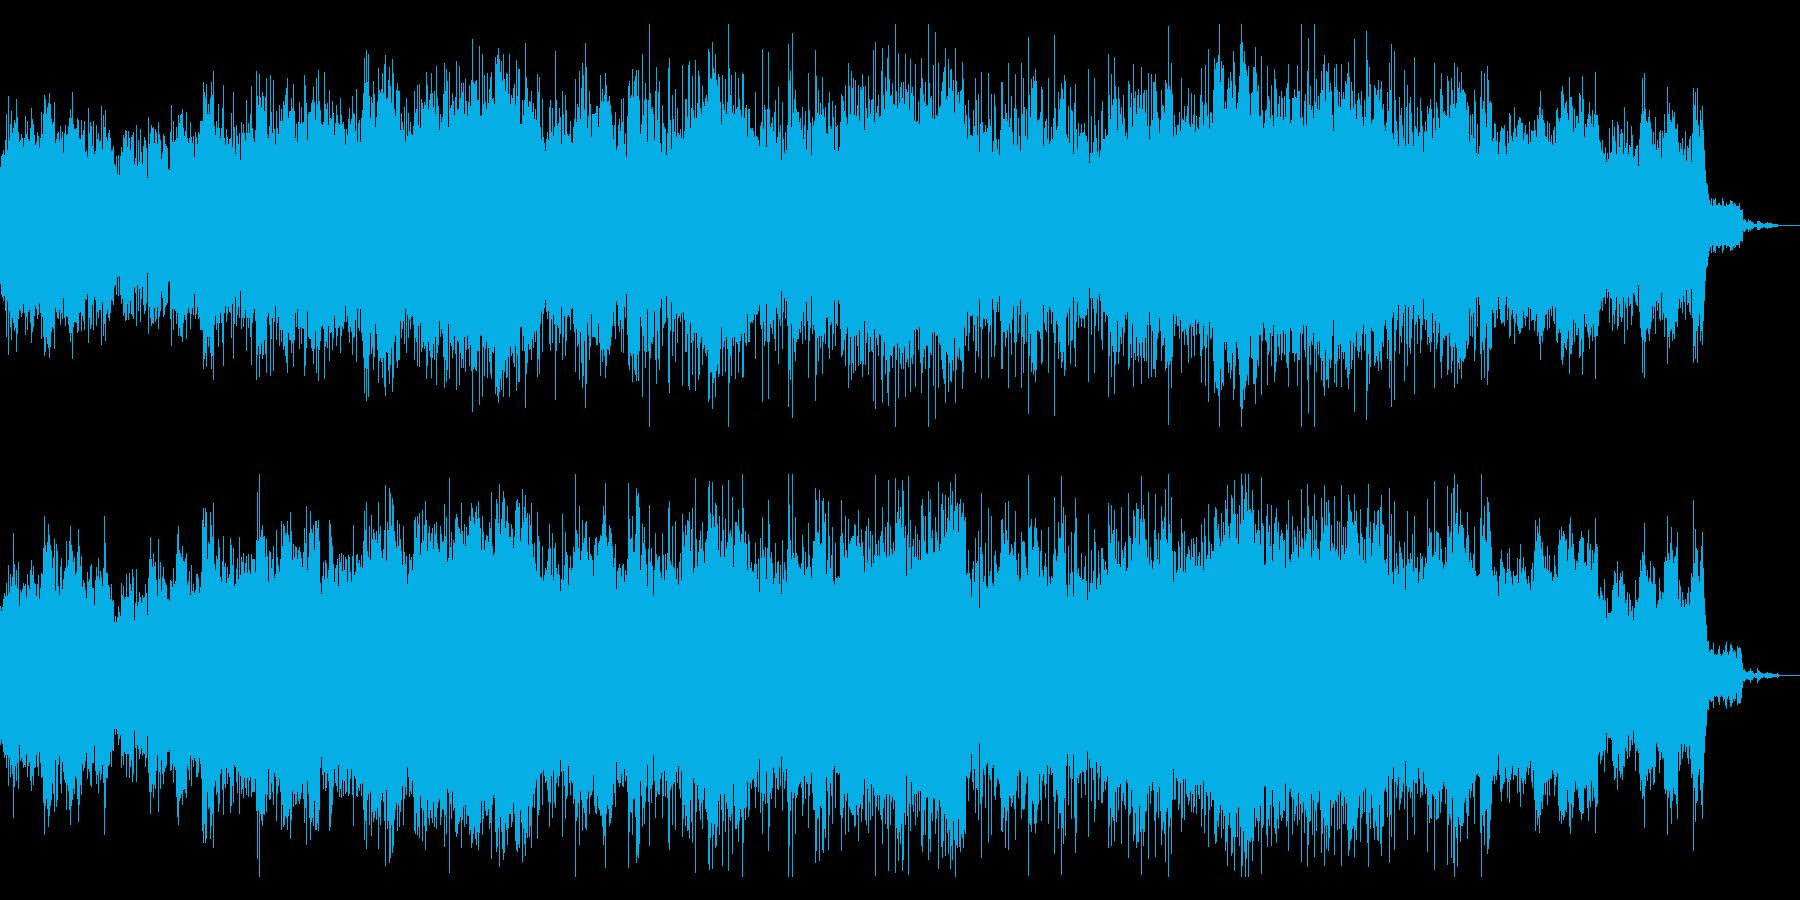 デジタルで不可思議なテクスチャの再生済みの波形